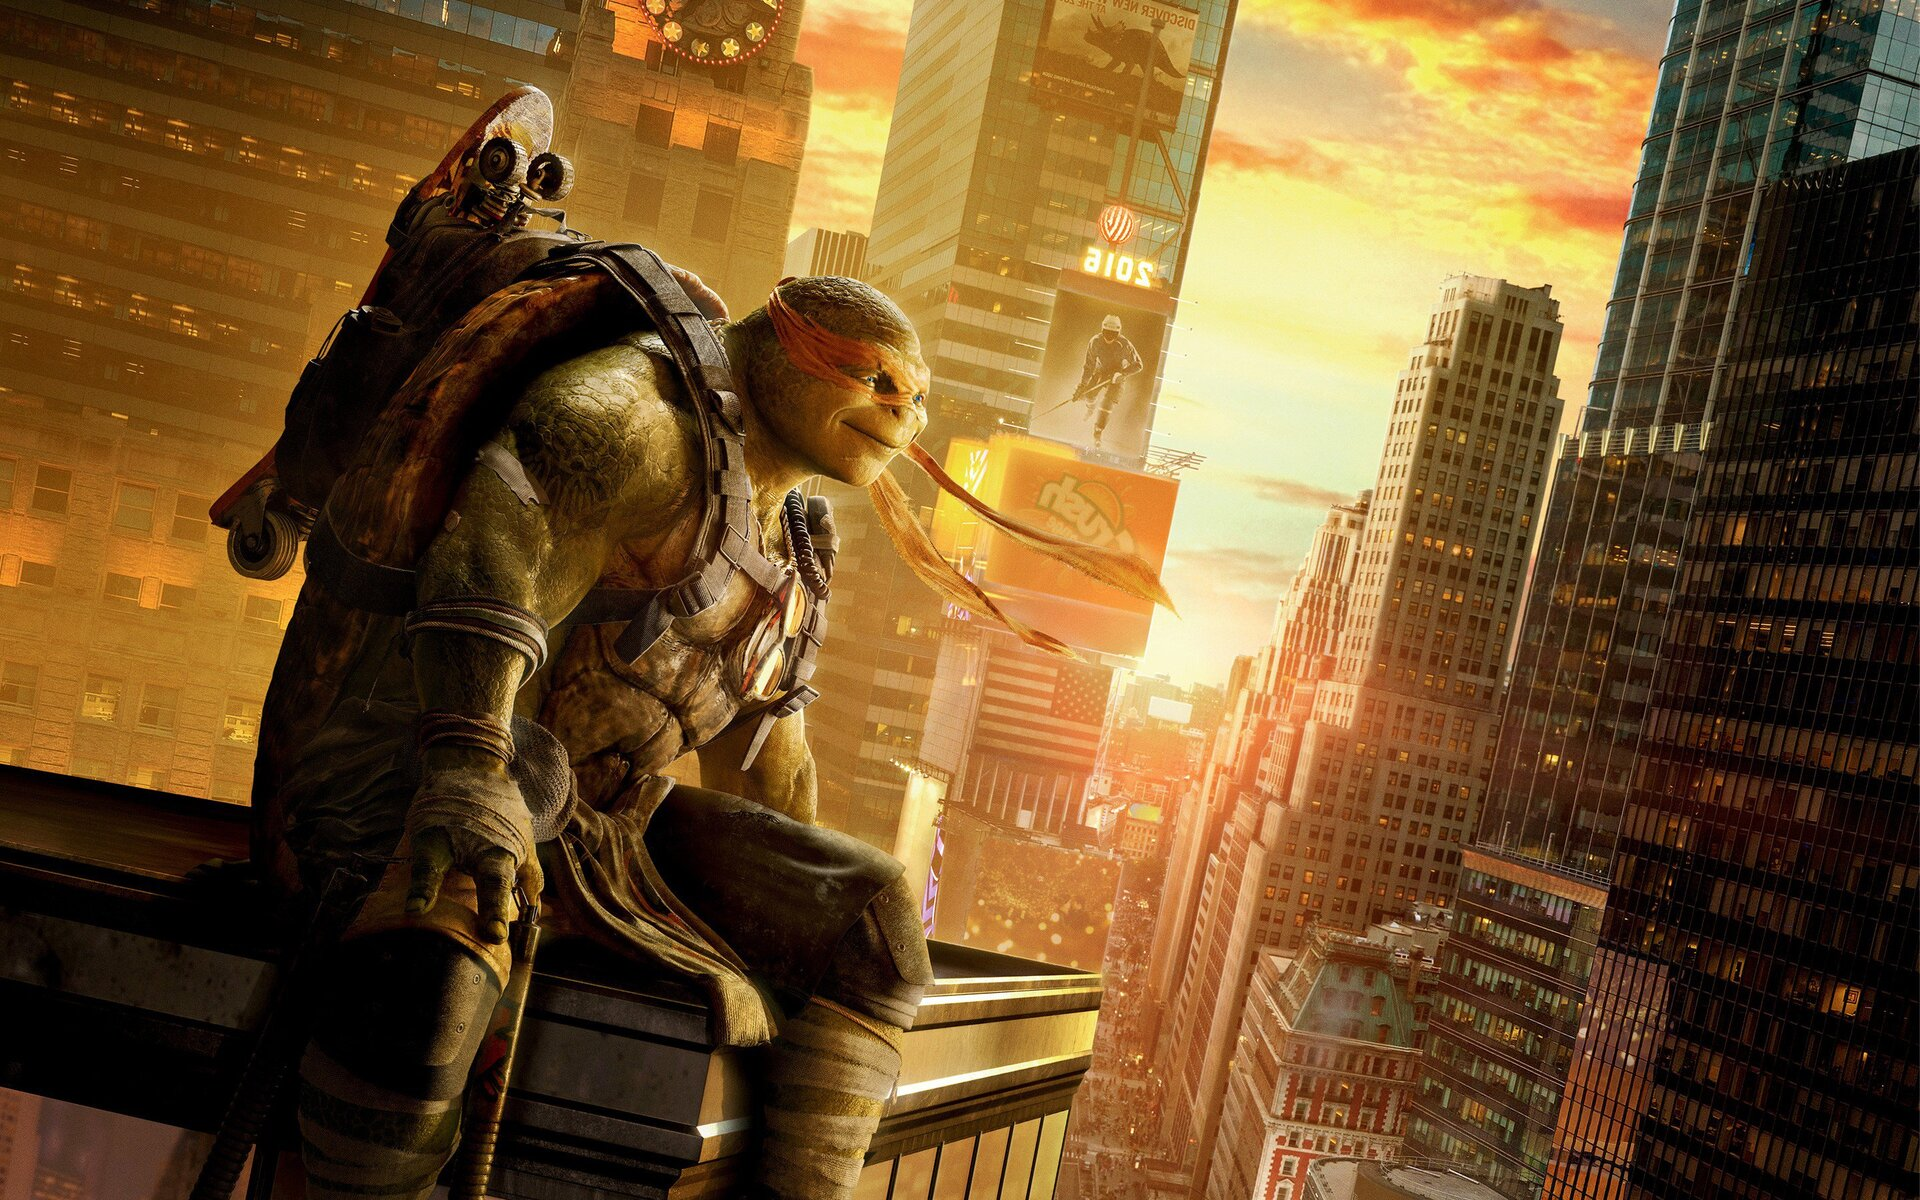 teenage-mutant-ninja-turtles-movie-hd.jpg